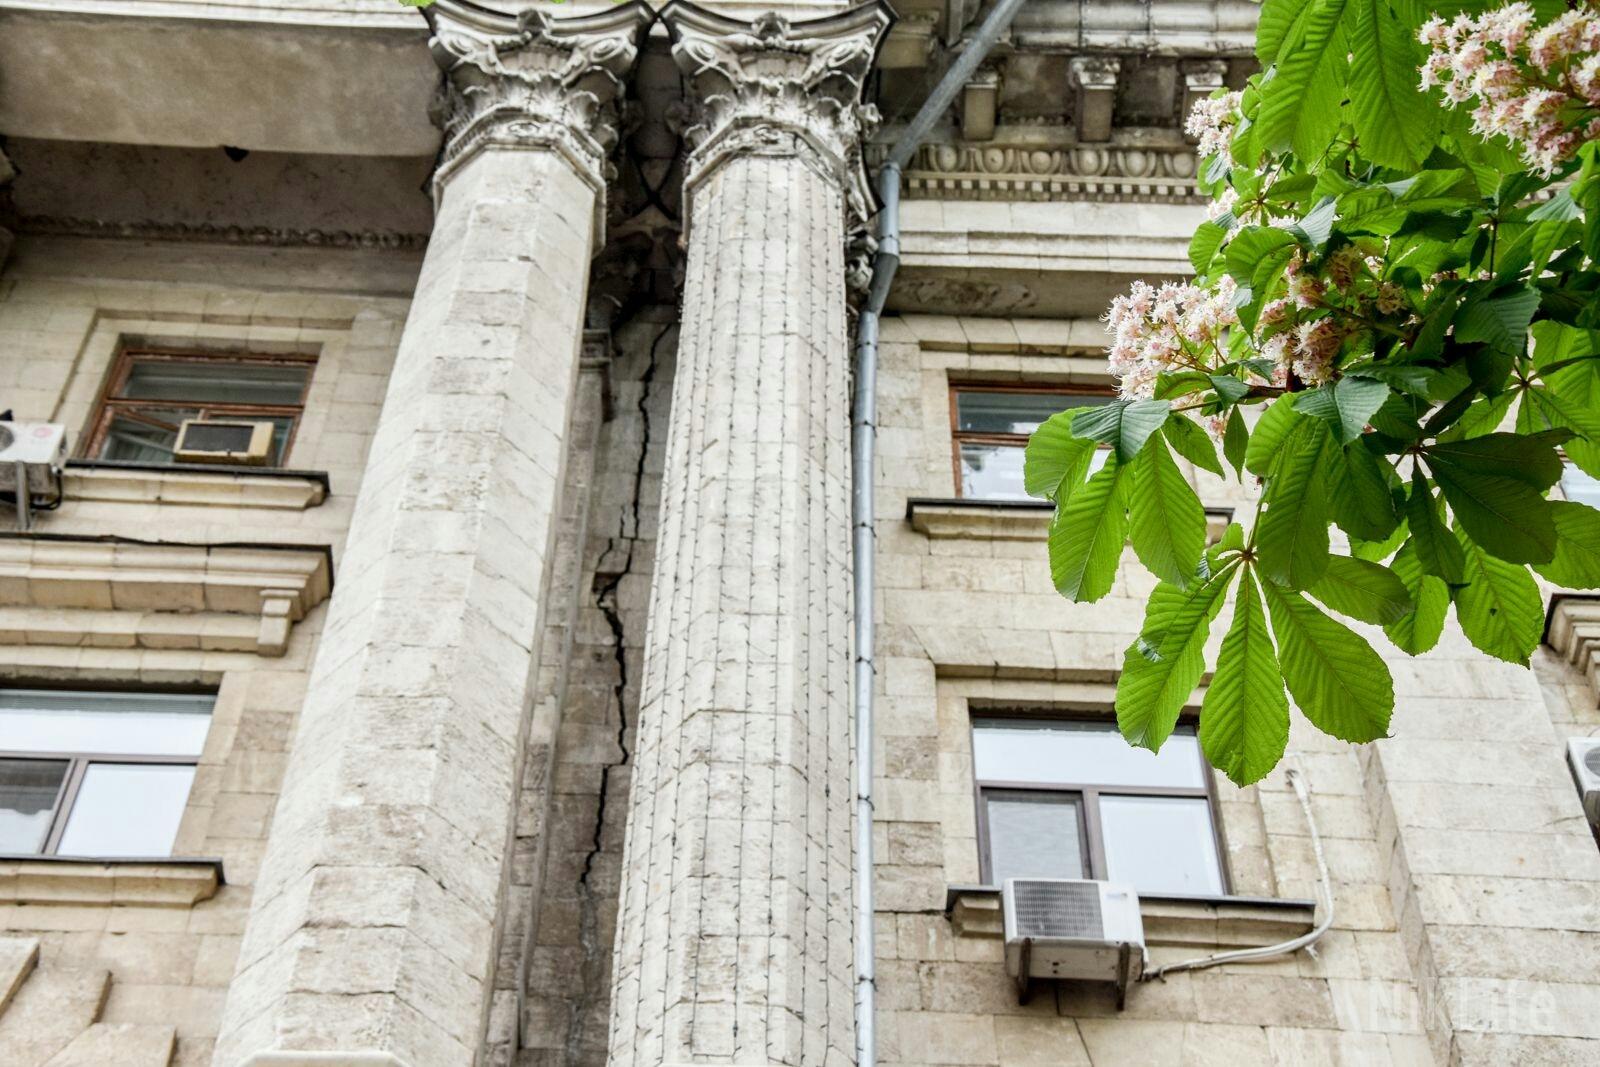 По фасаду мэрии Николаева пошла трещина, едва ли не раскалывающая здание пополам